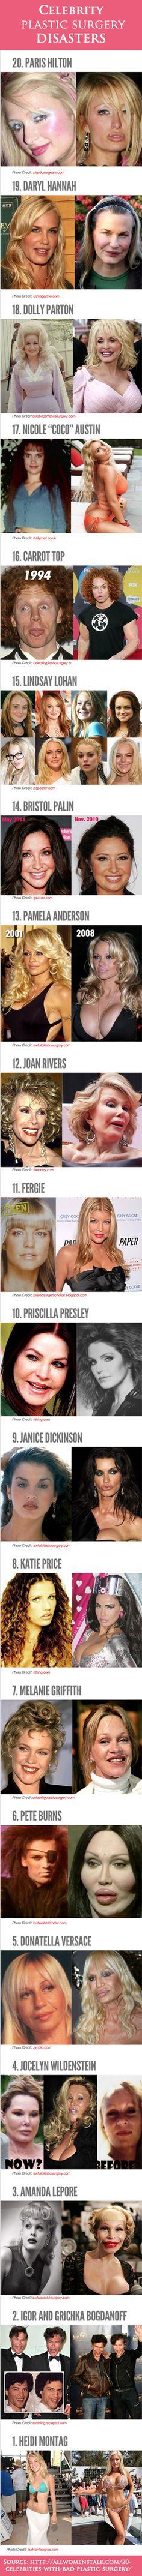 celebrity plastic surgery dont's